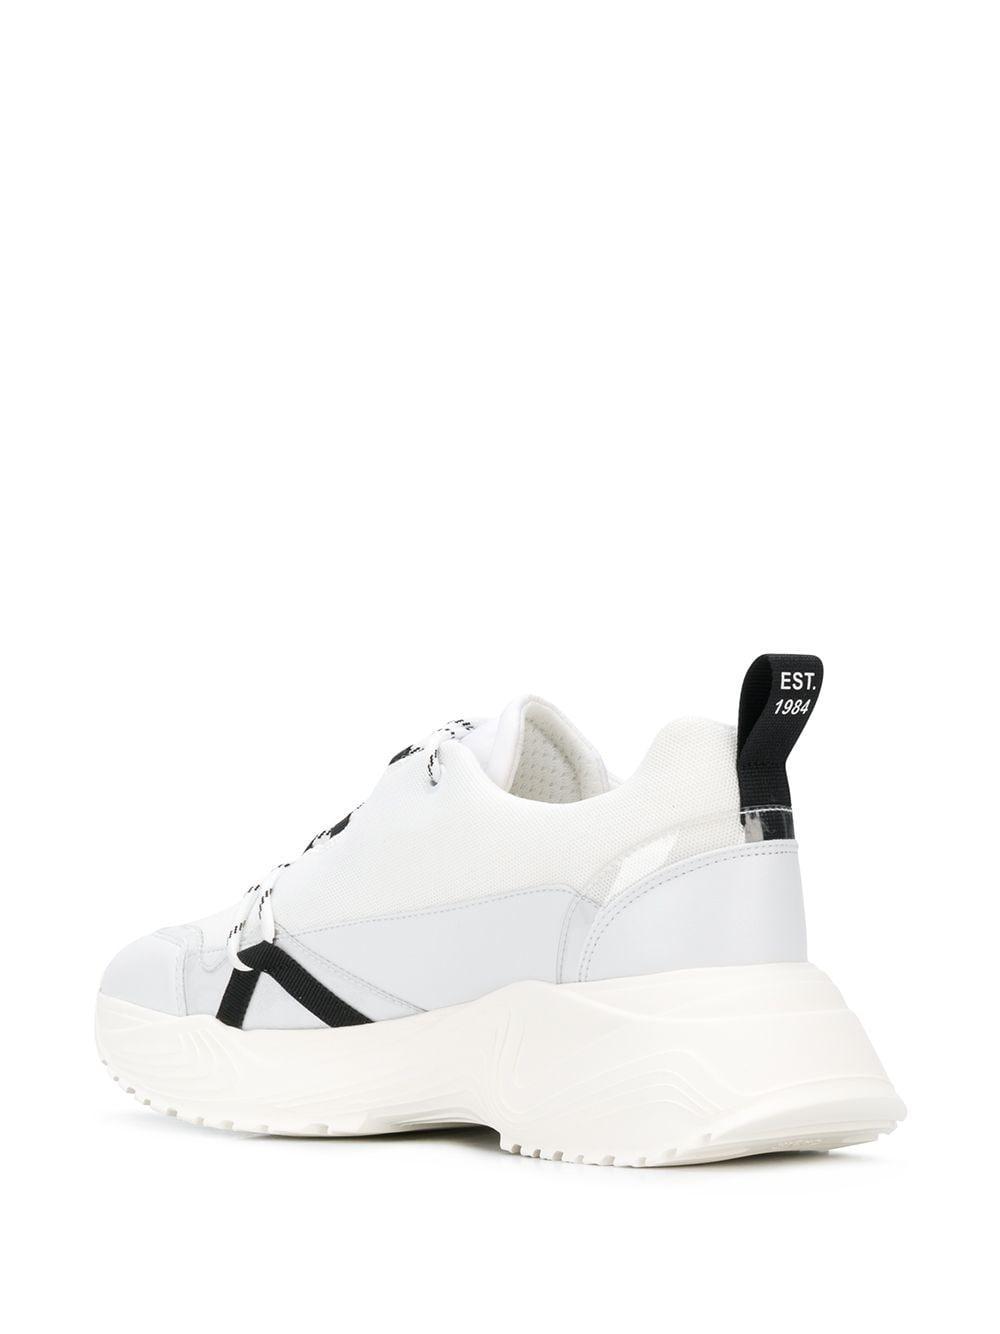 Zapatillas Deportivas de Mujer Philosophy Di Lorenzo Serafini de Cuero de color Blanco